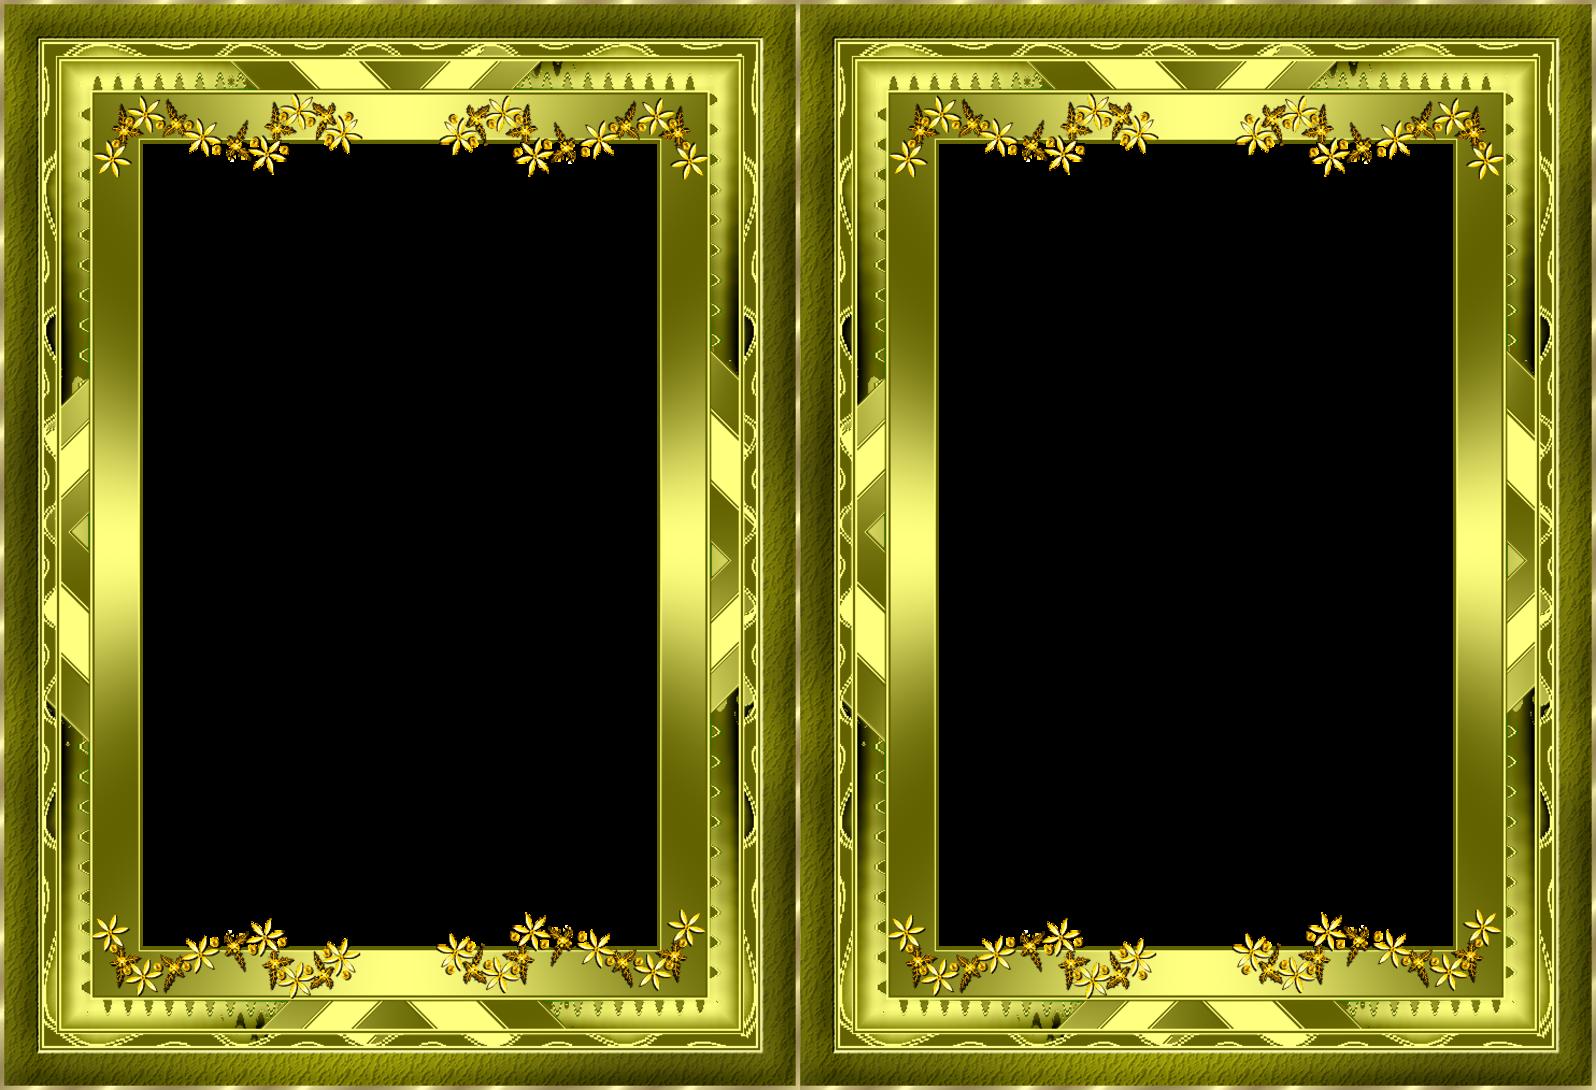 красивые рамки для двух фото